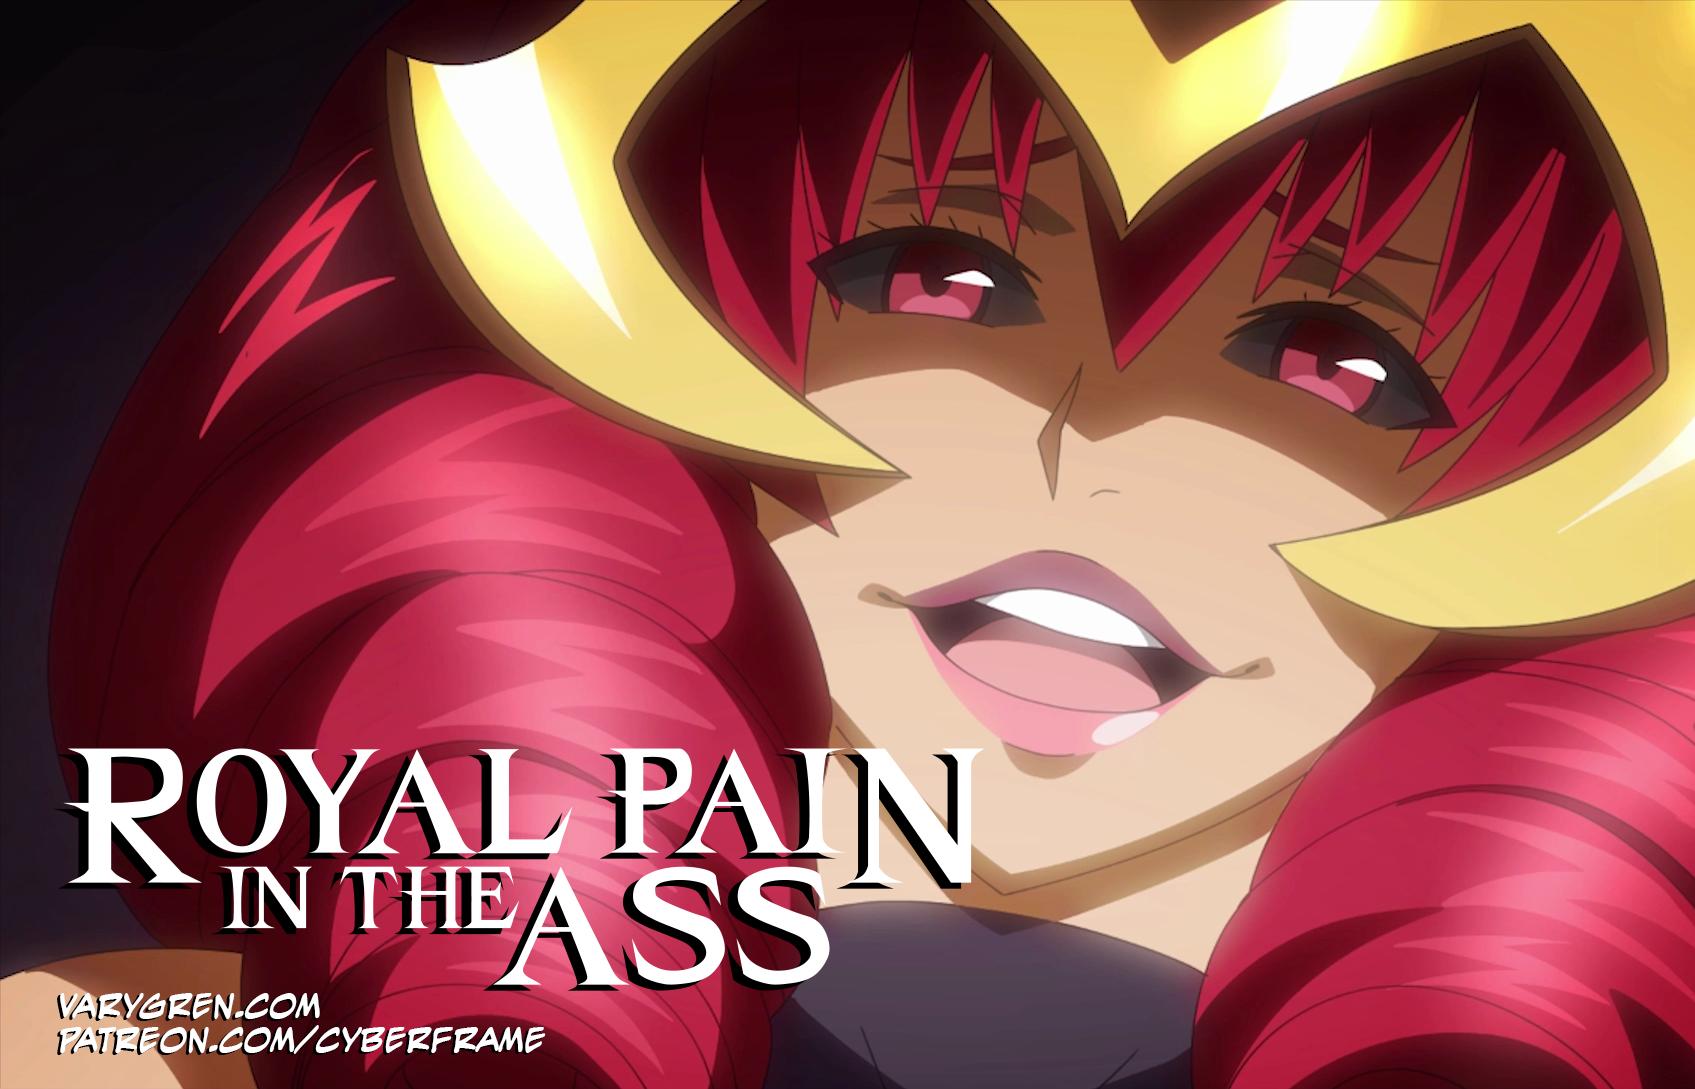 Aehentai vaygren: royal pain in the ass